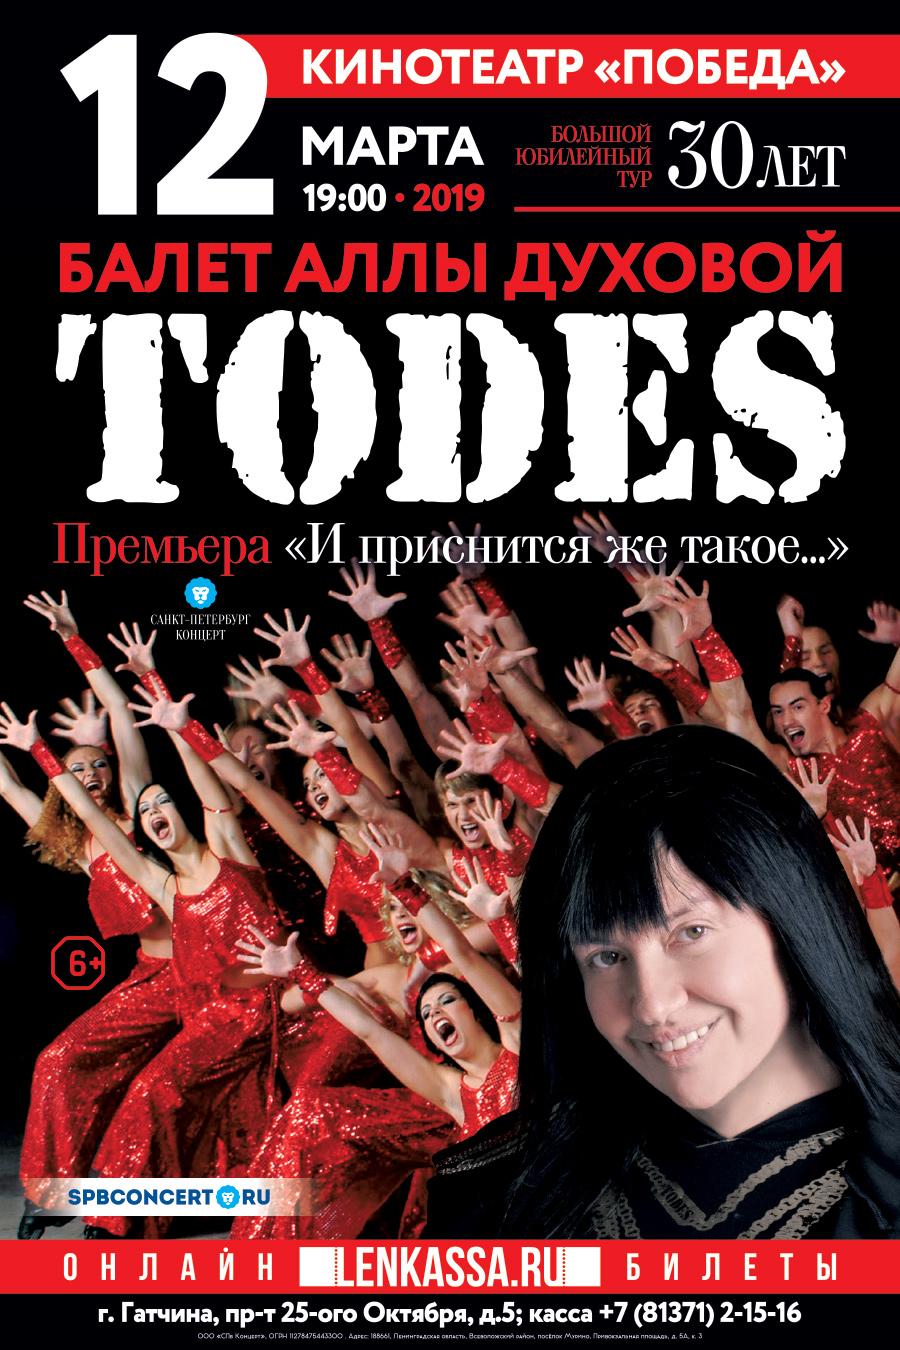 Сургут купить билеты на балет тодес афиши театр в томске